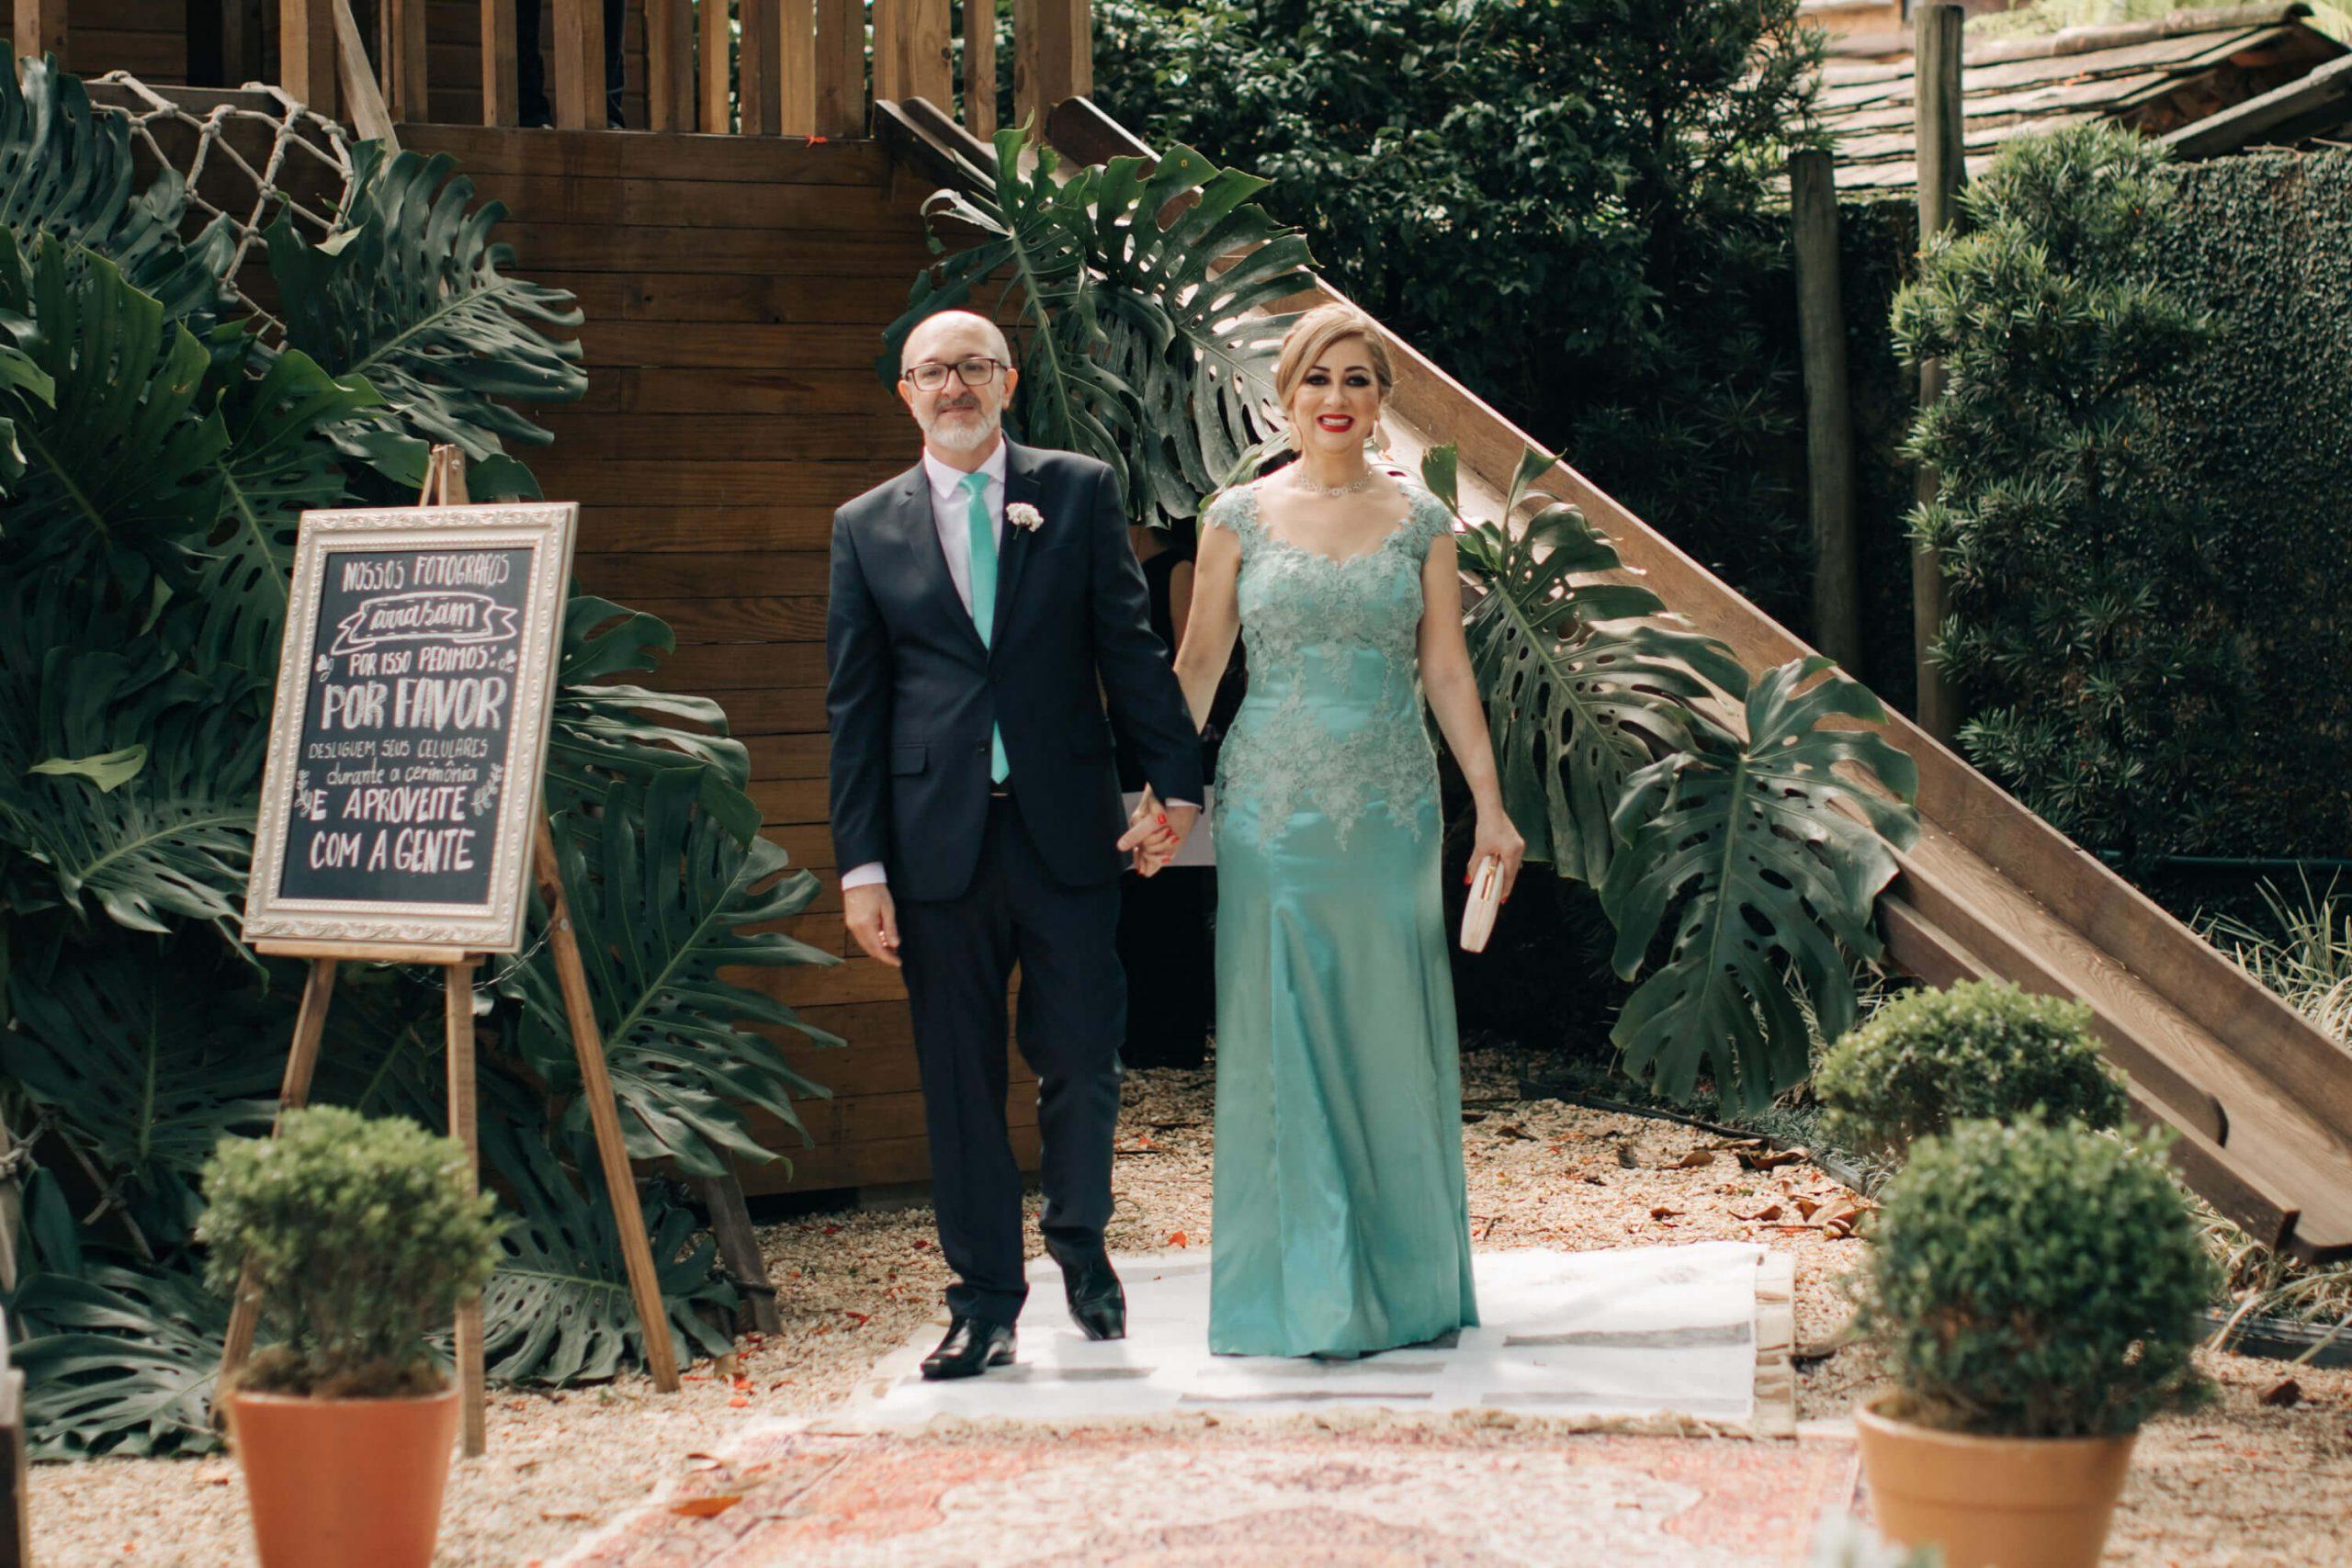 casamento quem entra primeiro